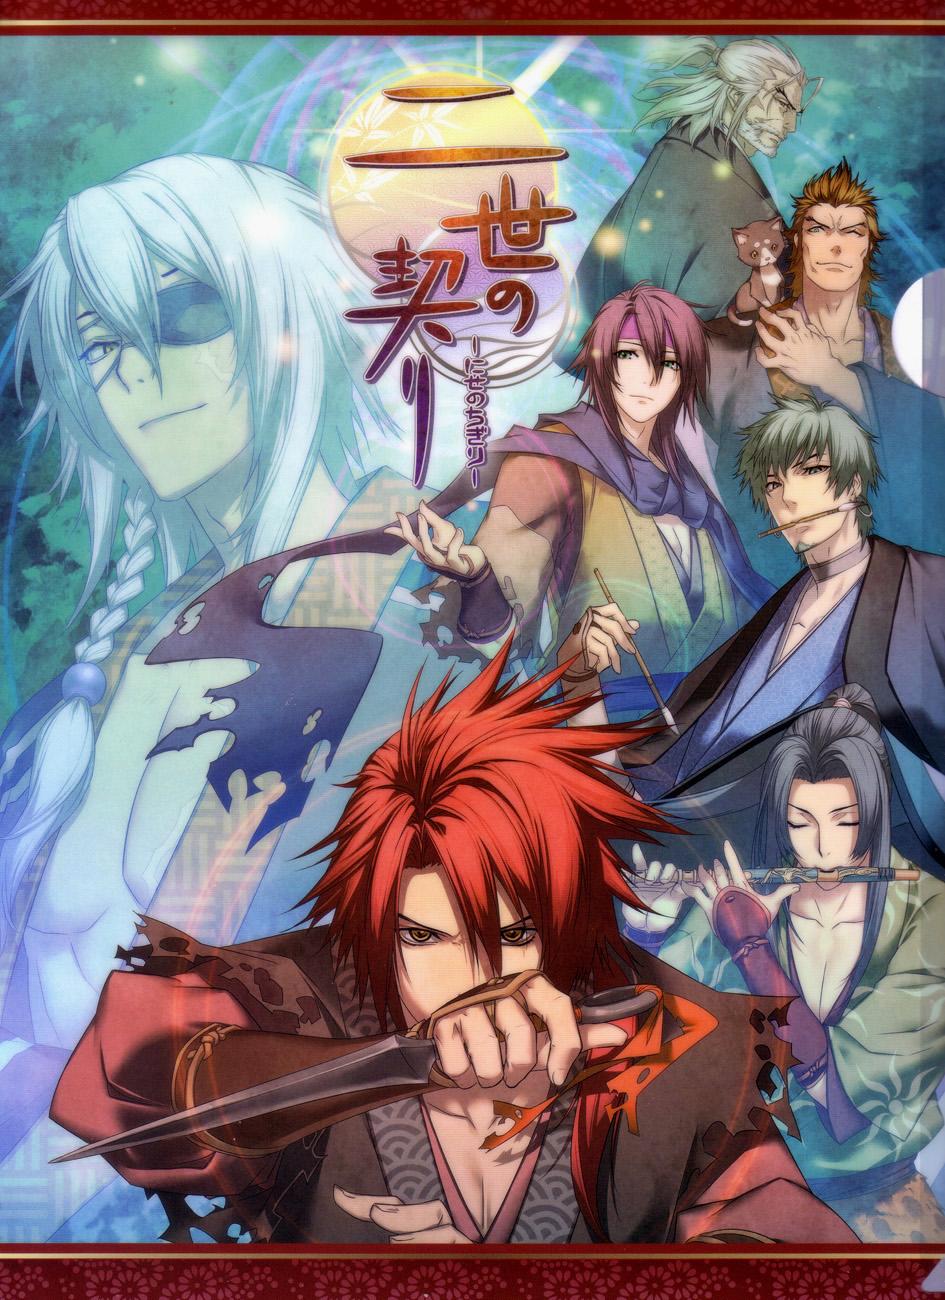 akatsuki movic clear_file nisei_no_chigiri yamamoto_kansuke masato shuuya tougi_kanehisa uesugi_masatora suien kojima_yatarou